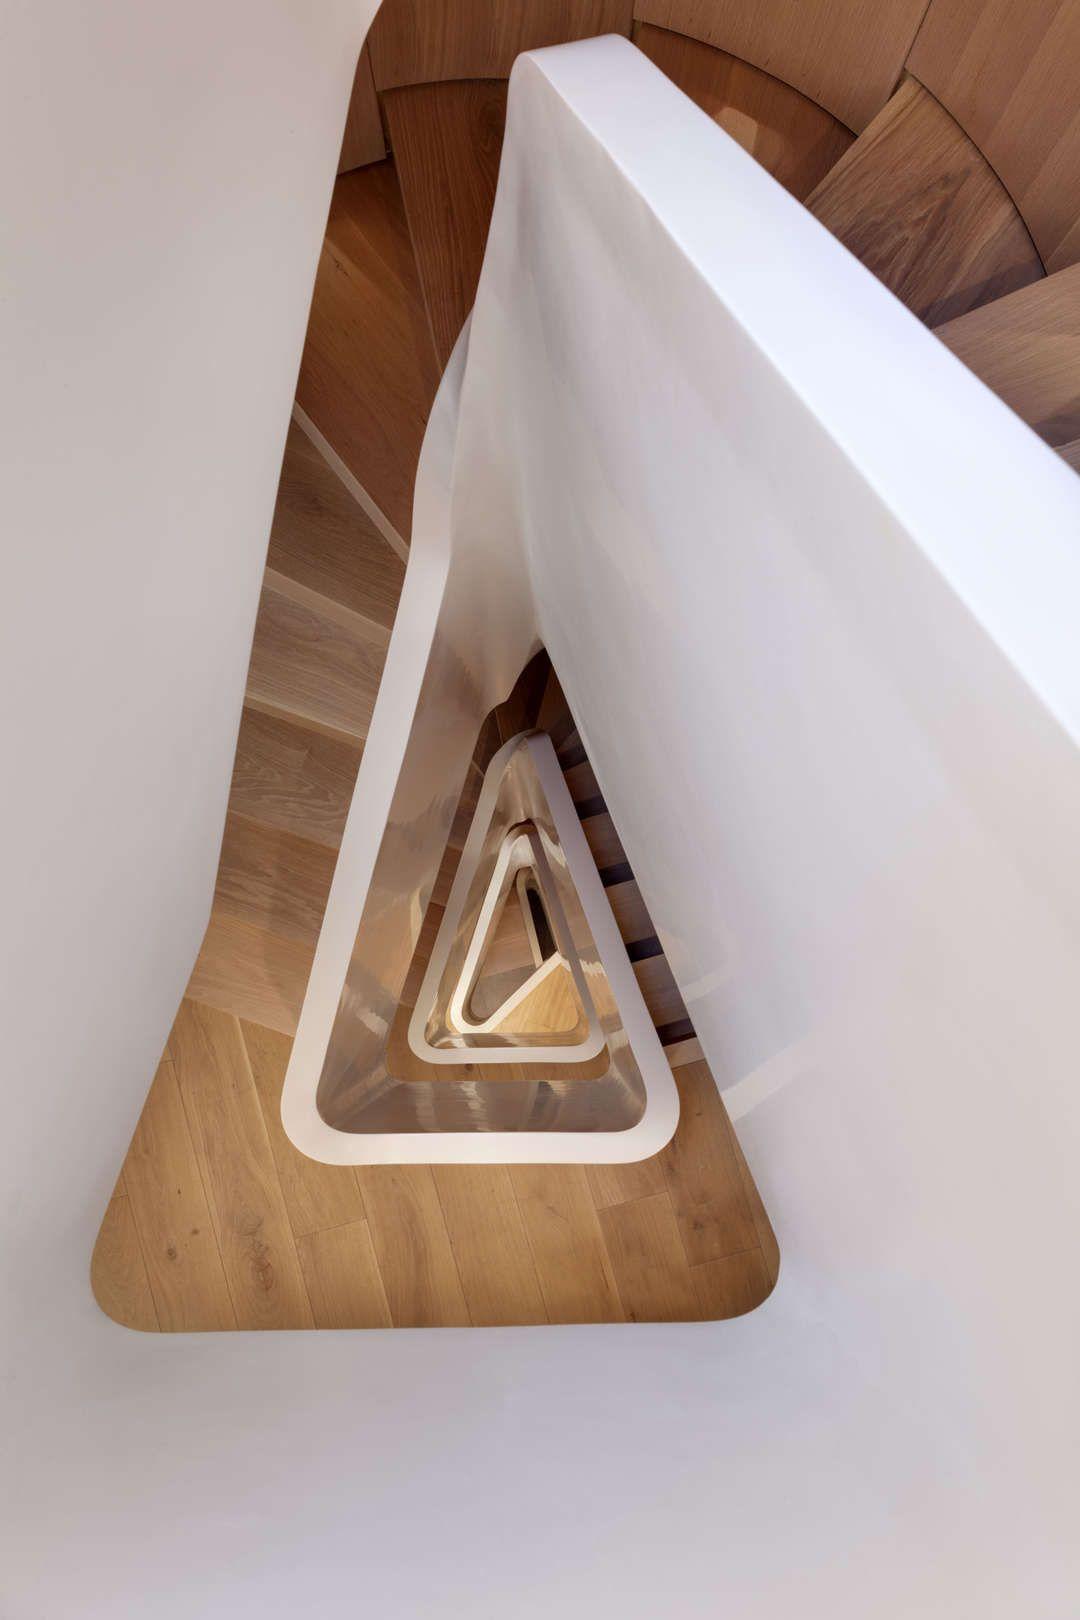 Flatiron House on Architizer